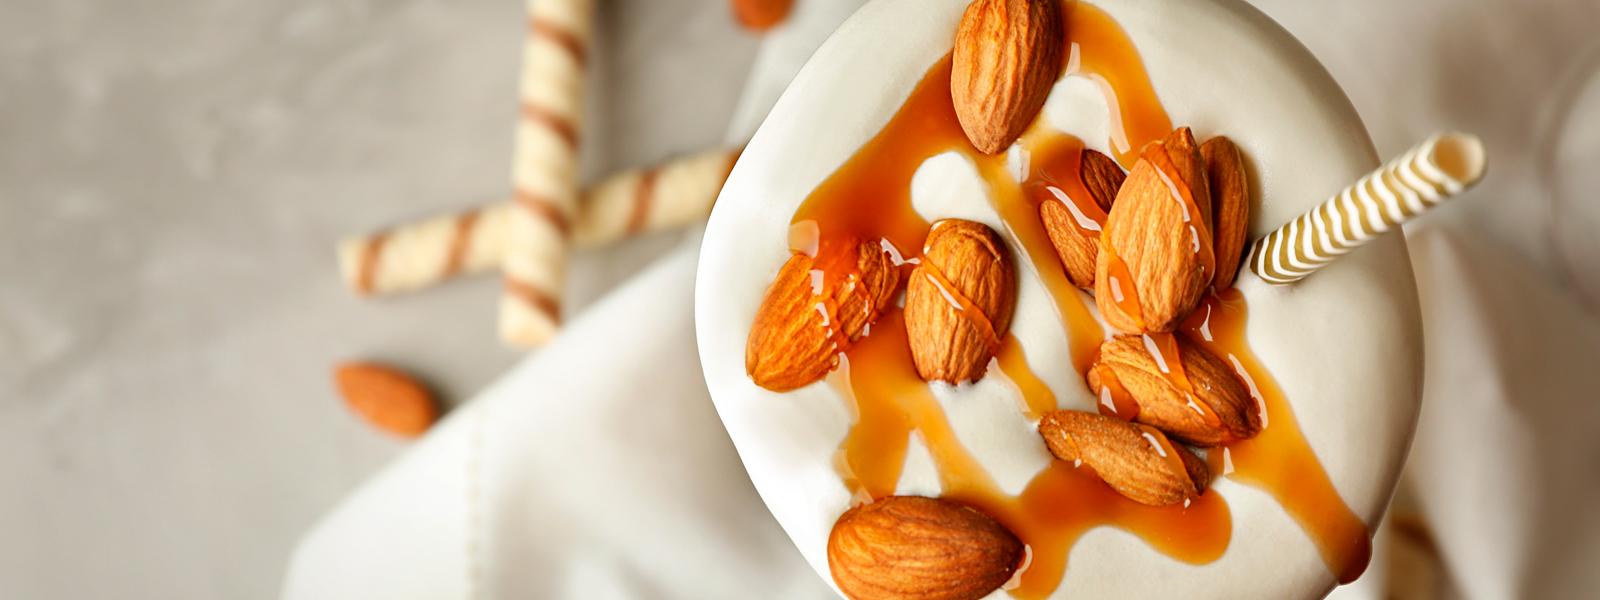 banner-home-carino-ingredientes-sirope-coberturas-chocolate-frutas-nueces-toffee-caramelo-almendras